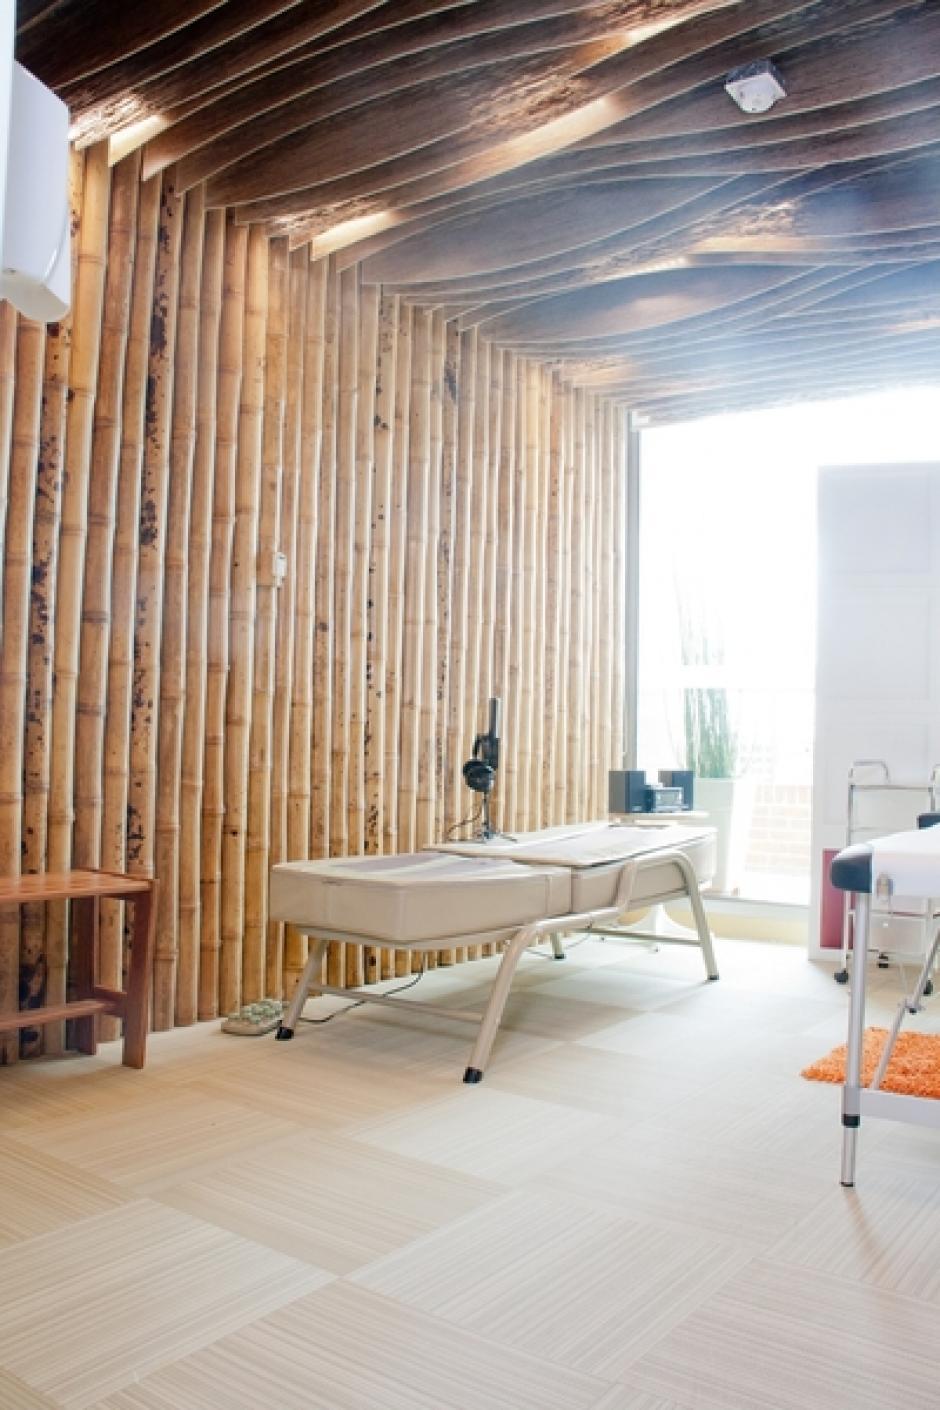 En la elaboración de los ambientes participaron artesanos de Boyacá y Santander, Colombia.